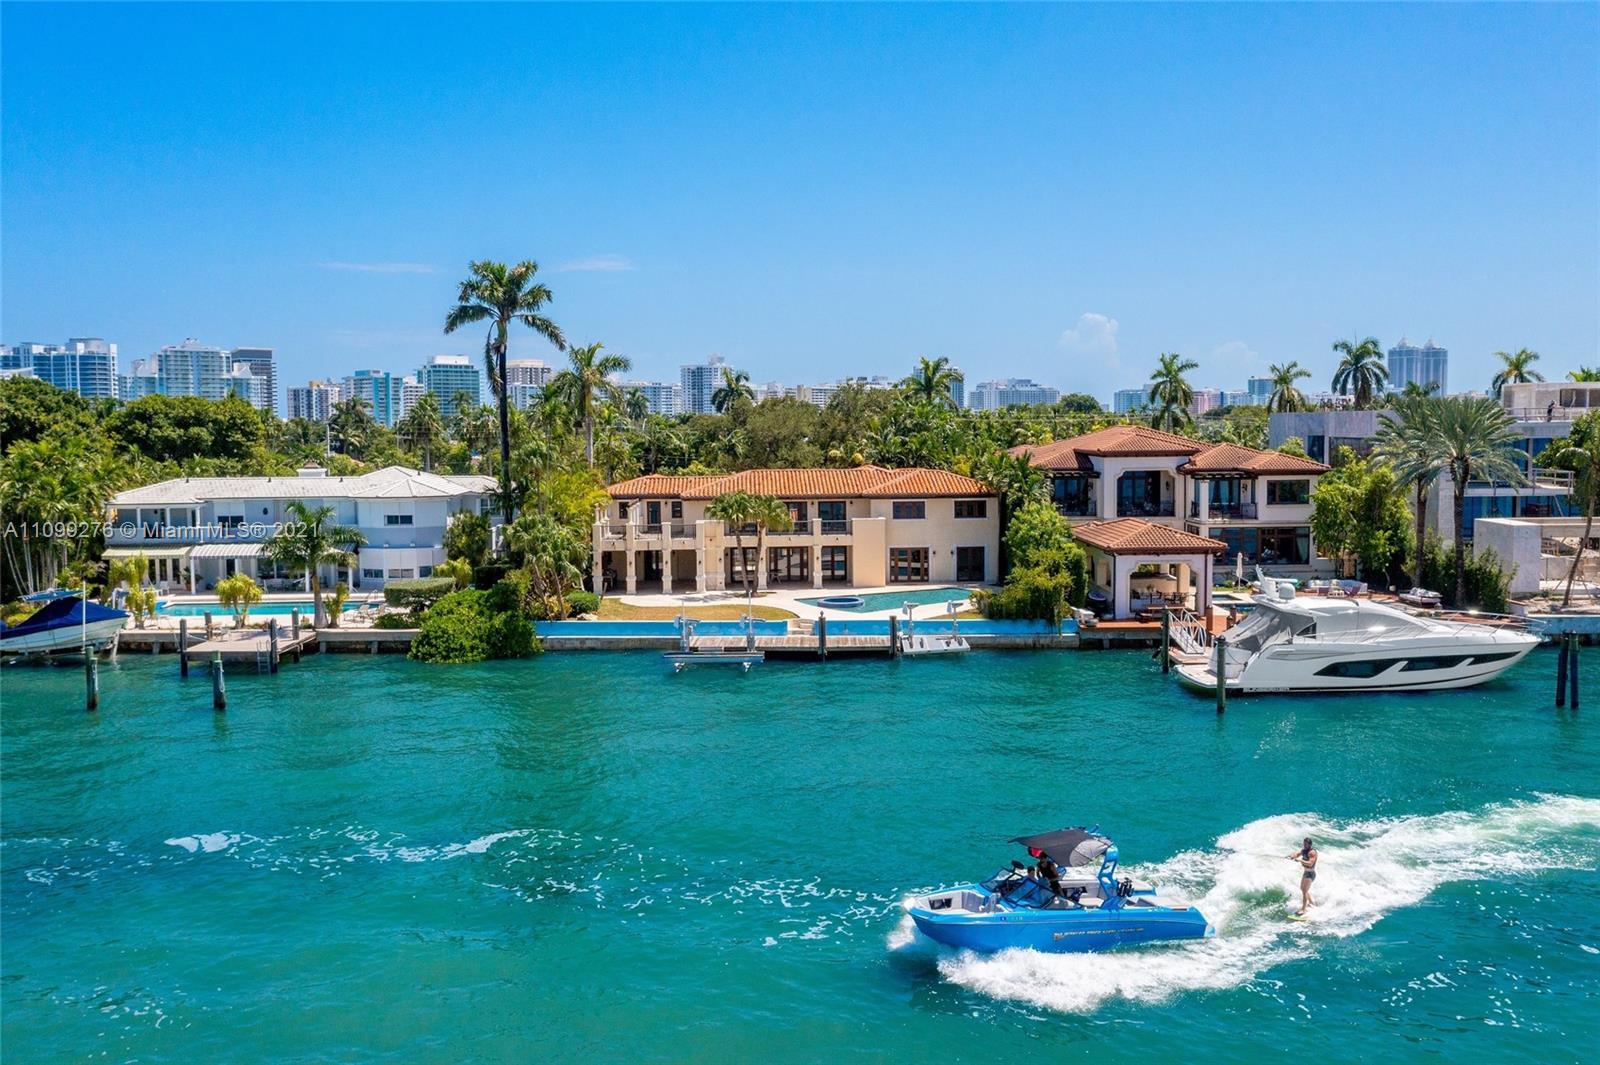 La Gorce Golf - 6300 N Bay Rd, Miami Beach, FL 33141